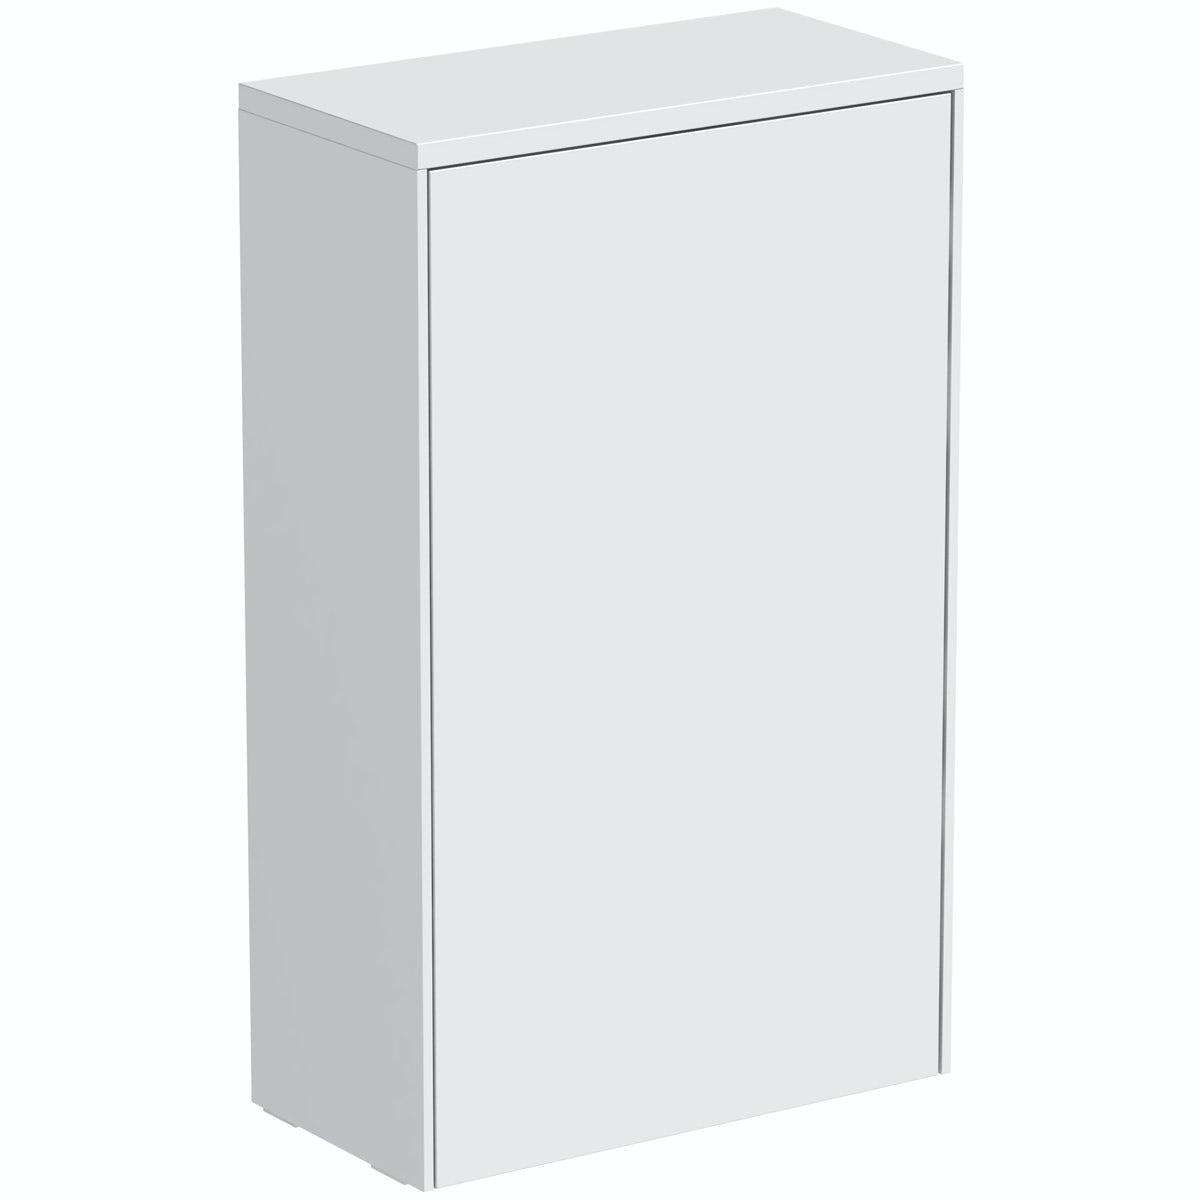 Mode Austin white back to wall toilet unit